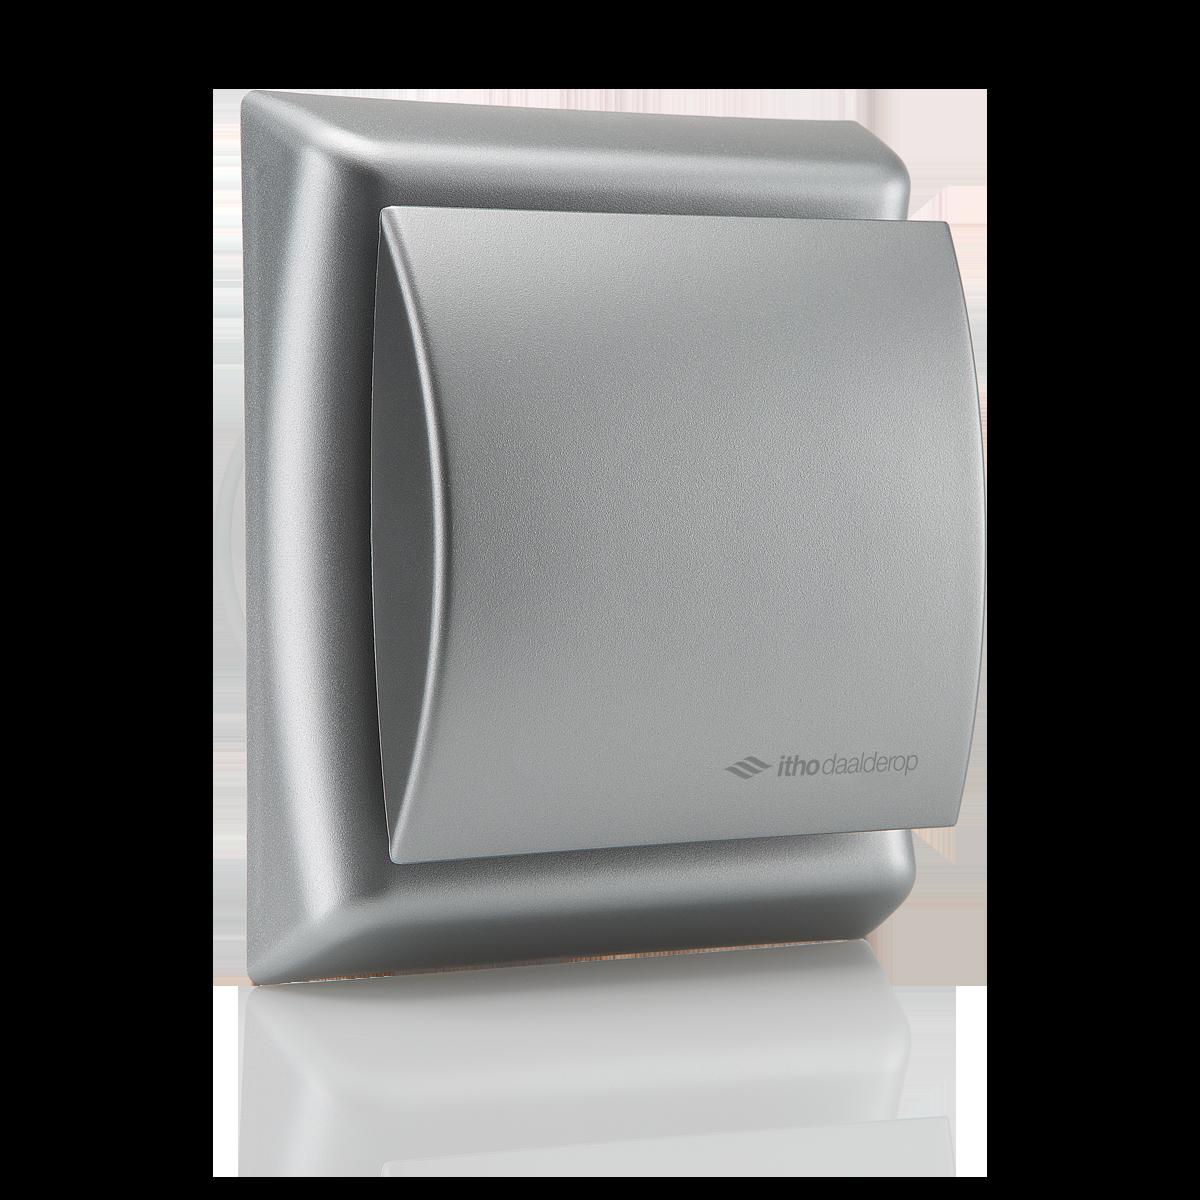 Itho Daalderop Btv Badkamer En Toilet Ventilator Mat Zilver Met Timer